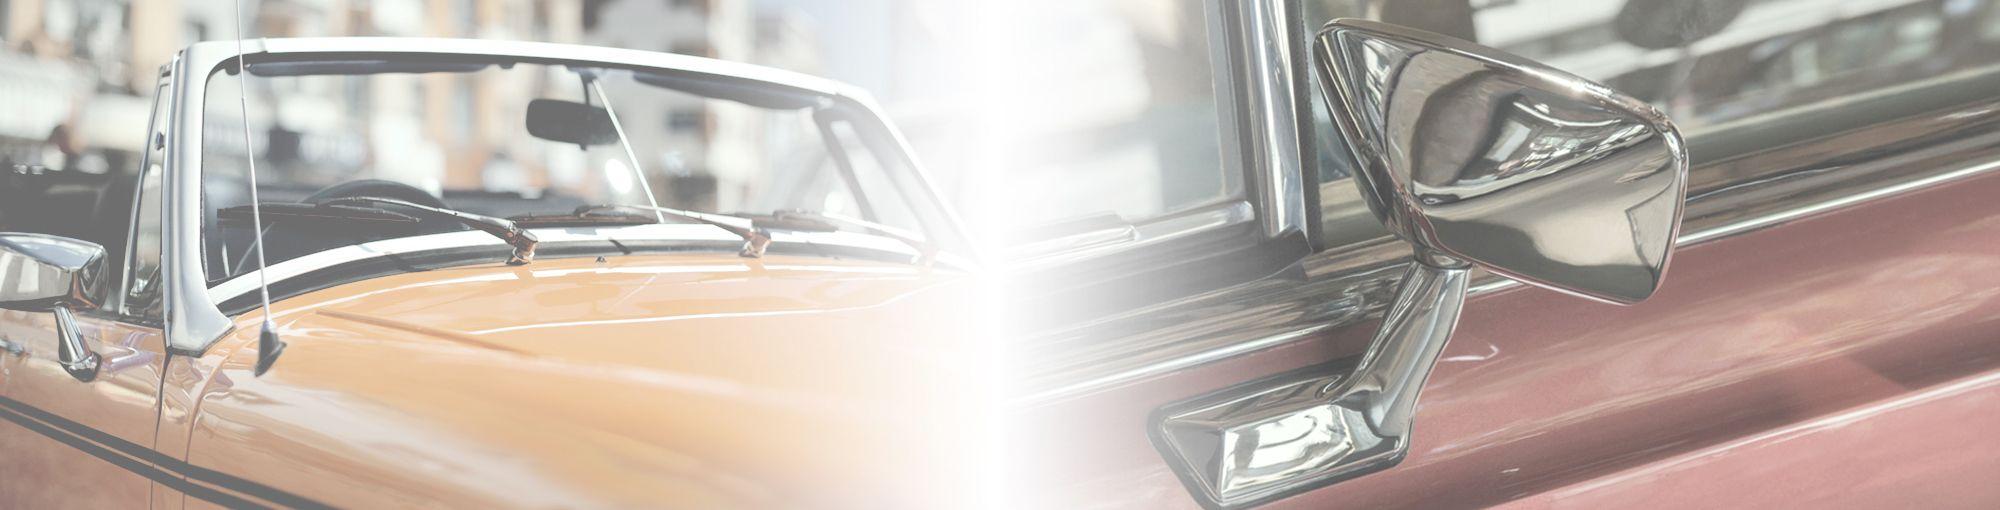 مساحات ومرايا السيارات الكلاسيكية